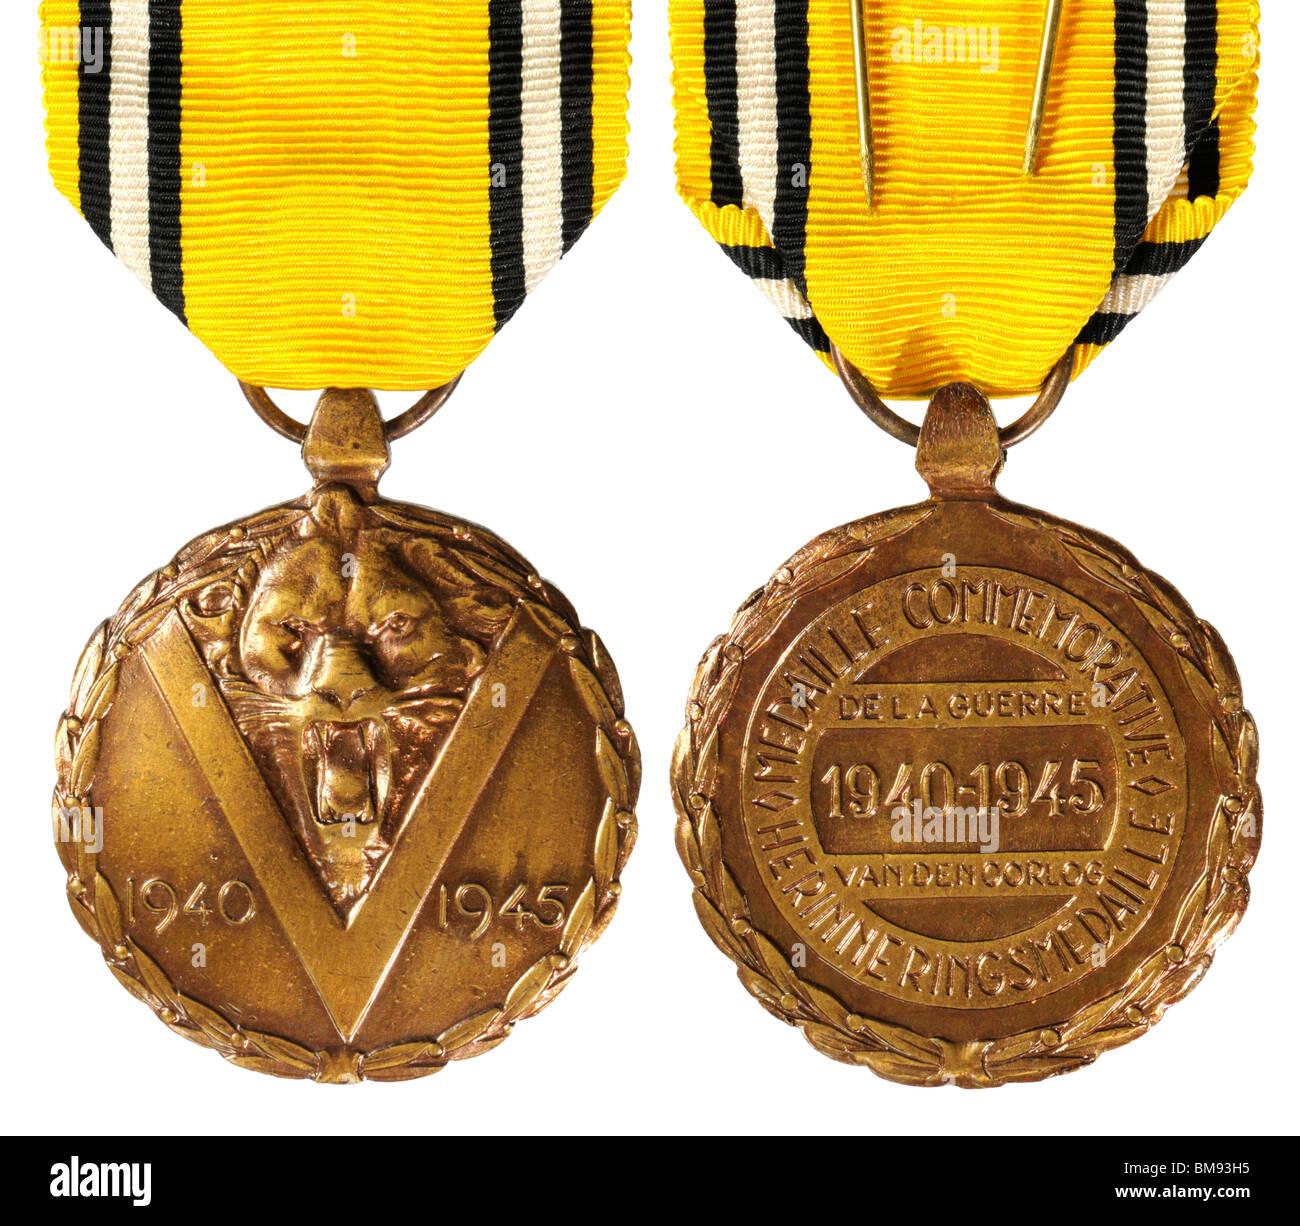 Belgian 1940-1945 WW2 commemorative medal. Medaille Commemorative de la  Guerre / Herinneringsmedaille van